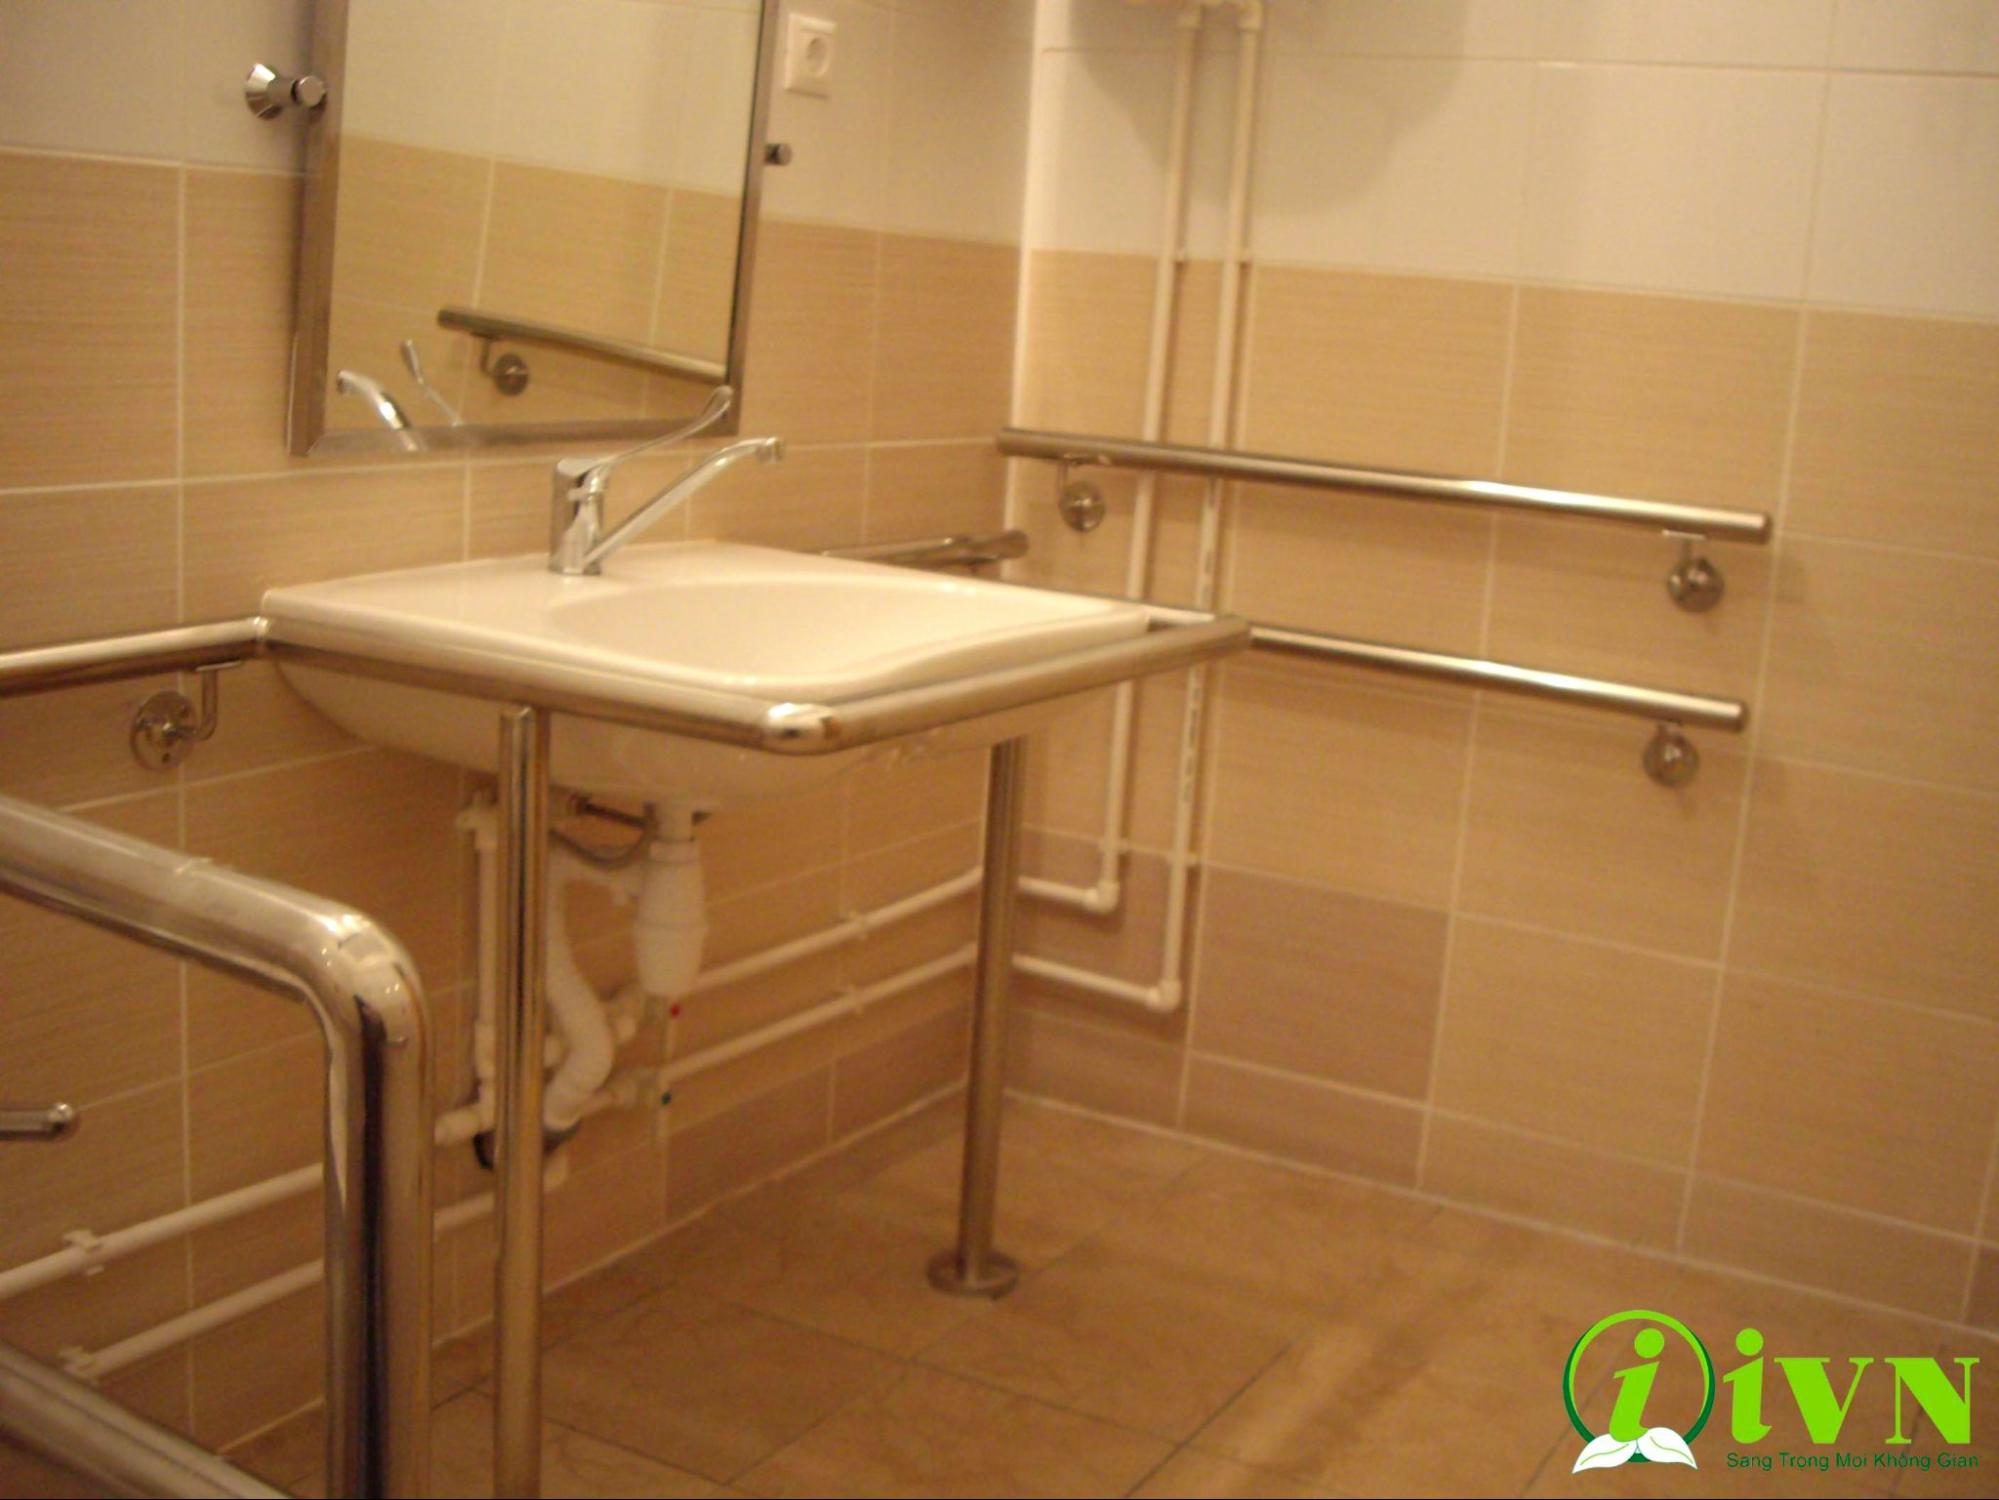 tay vịn nhà vệ sinh cho người già (1)